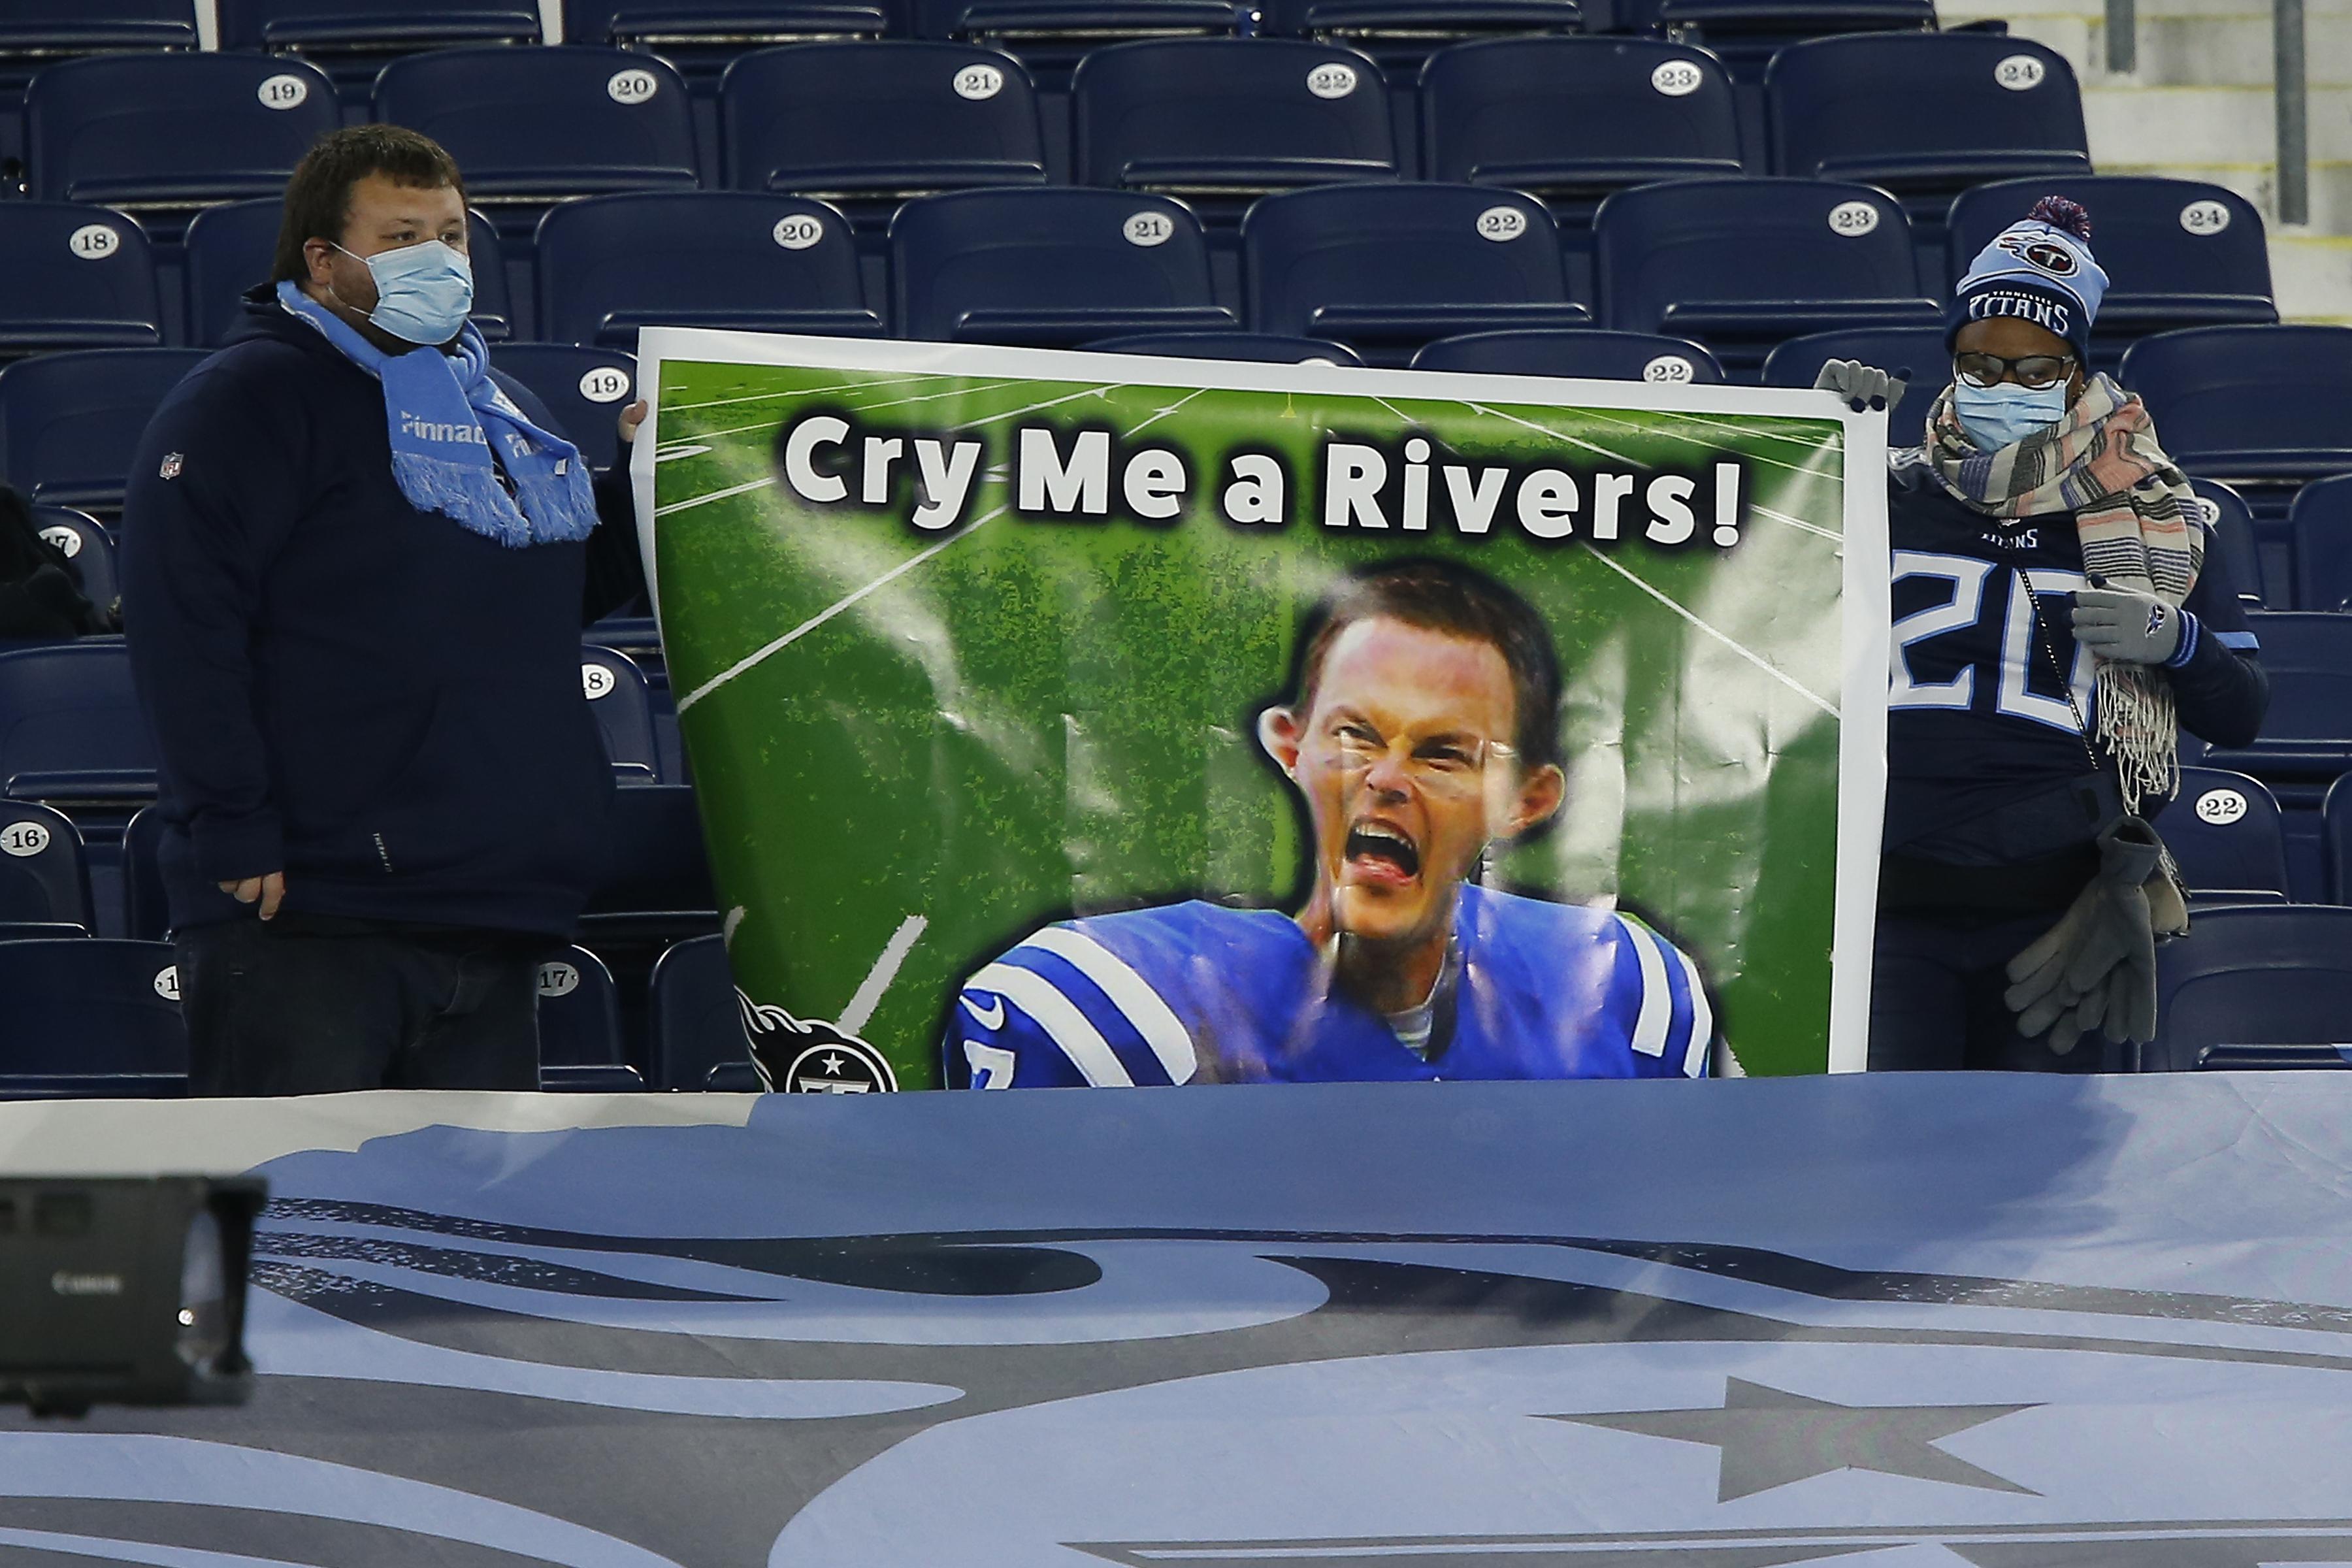 NFL: NOV 12 Colts at Titans